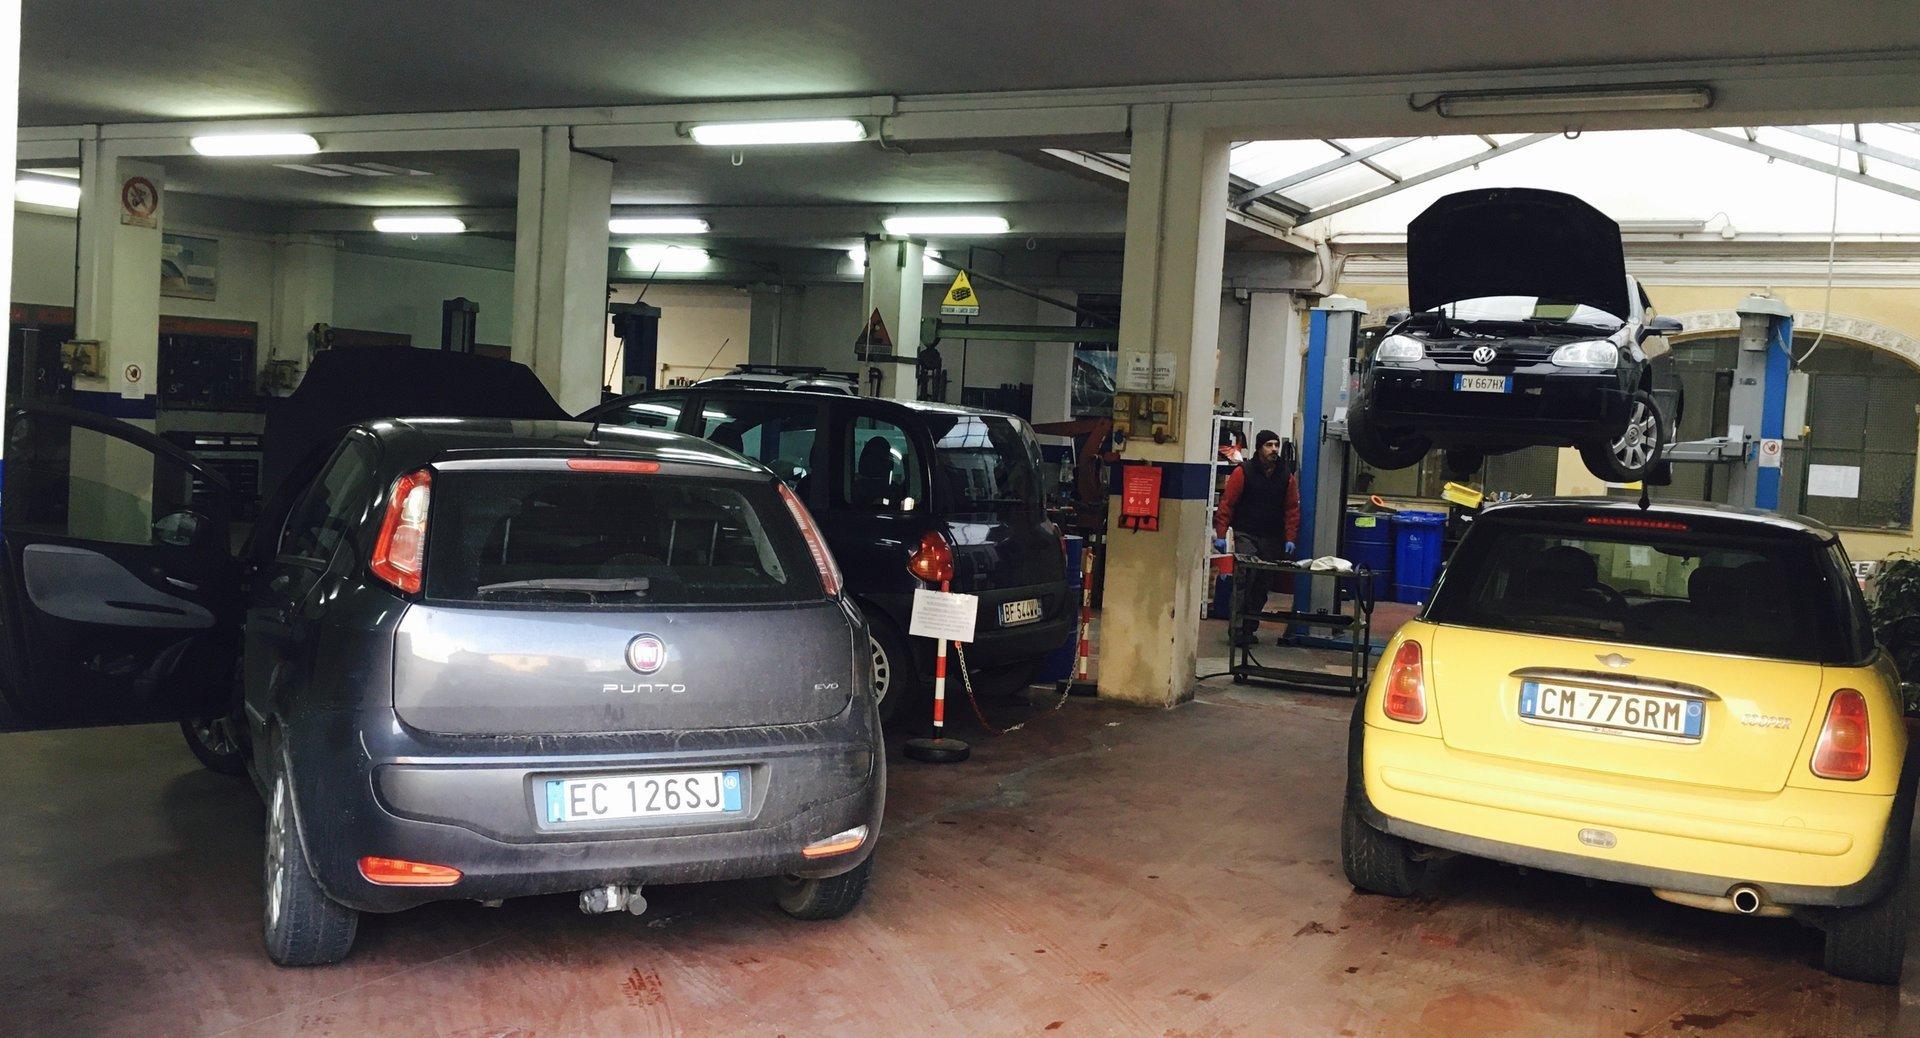 una macchina grigia ed una gialla in un'officina